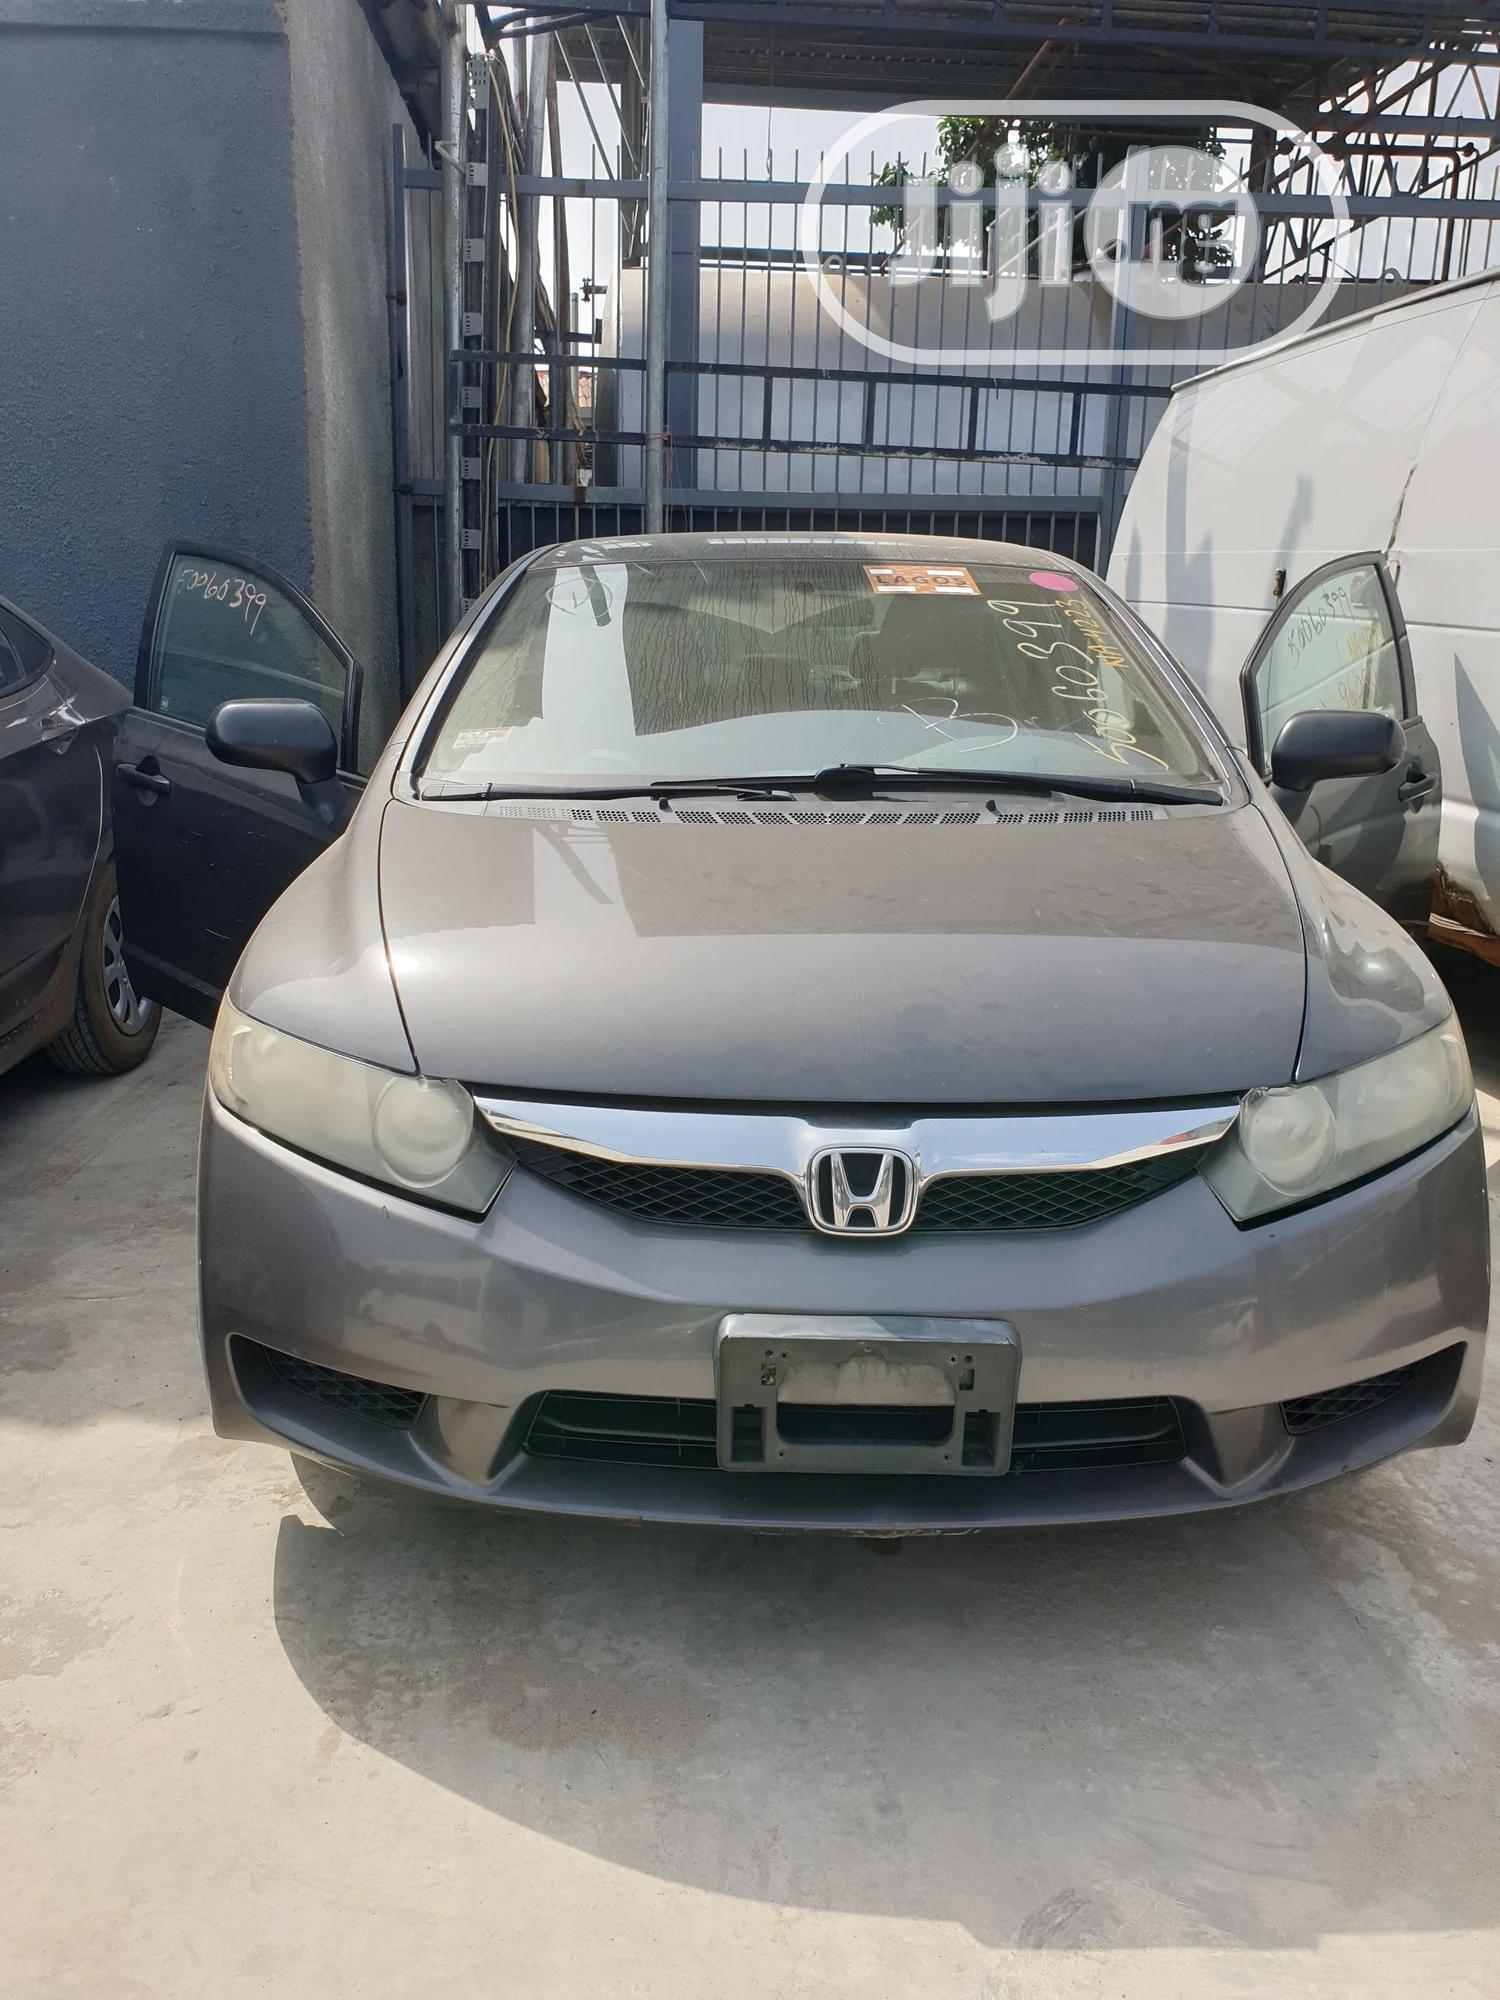 Honda Civic 2010 DX-VP Sedan Gray